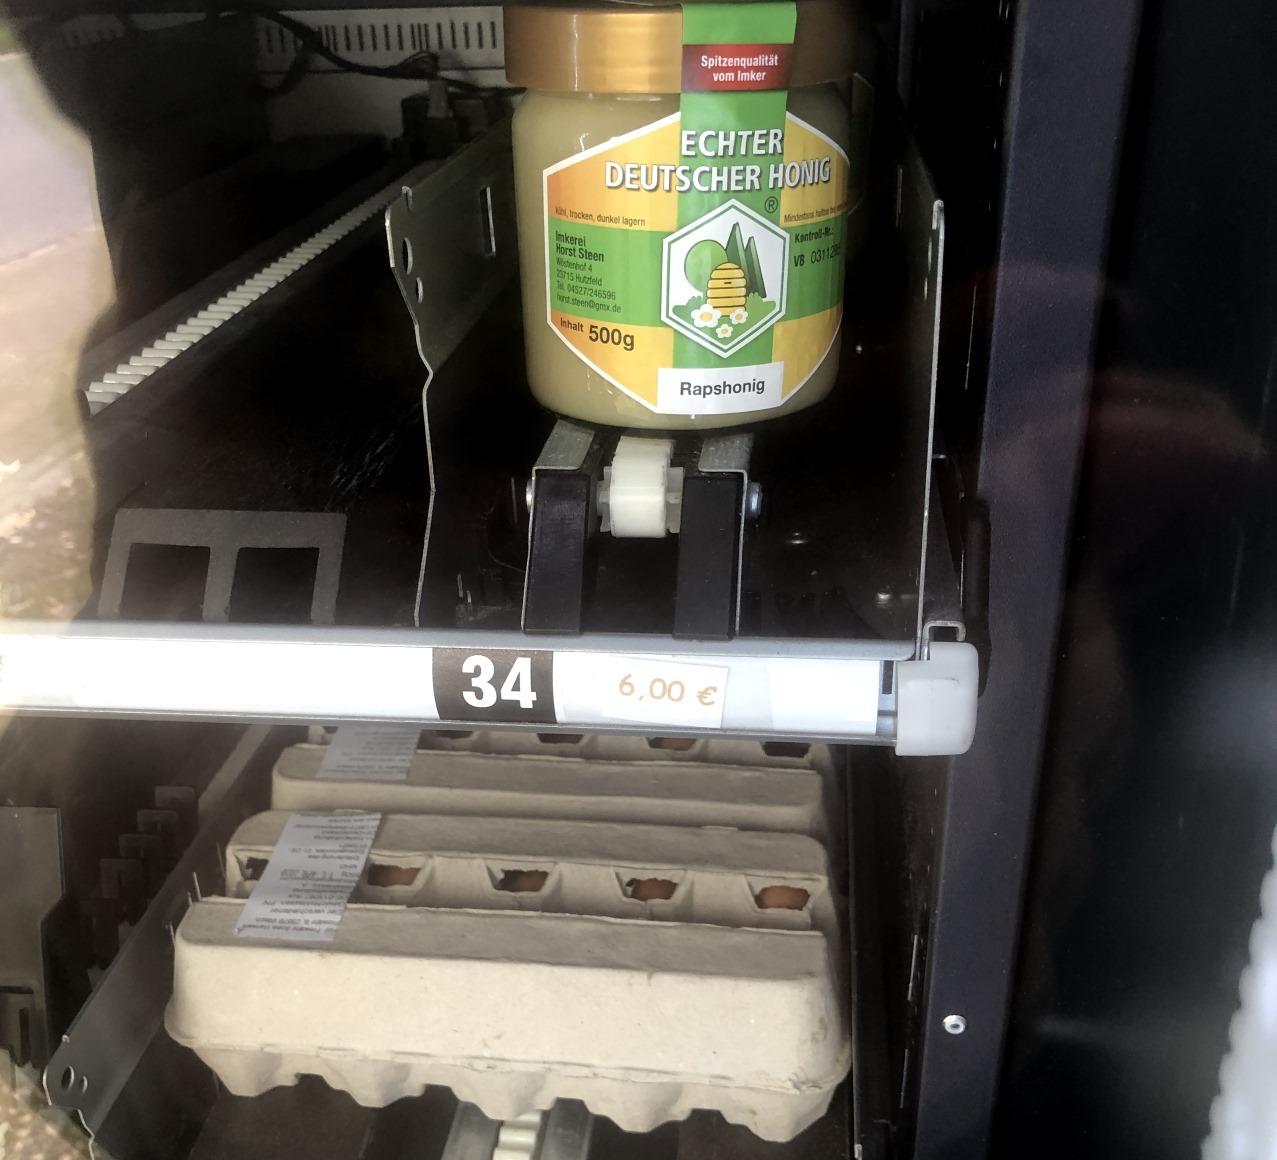 regiomat, automat für hühnereier und mehr